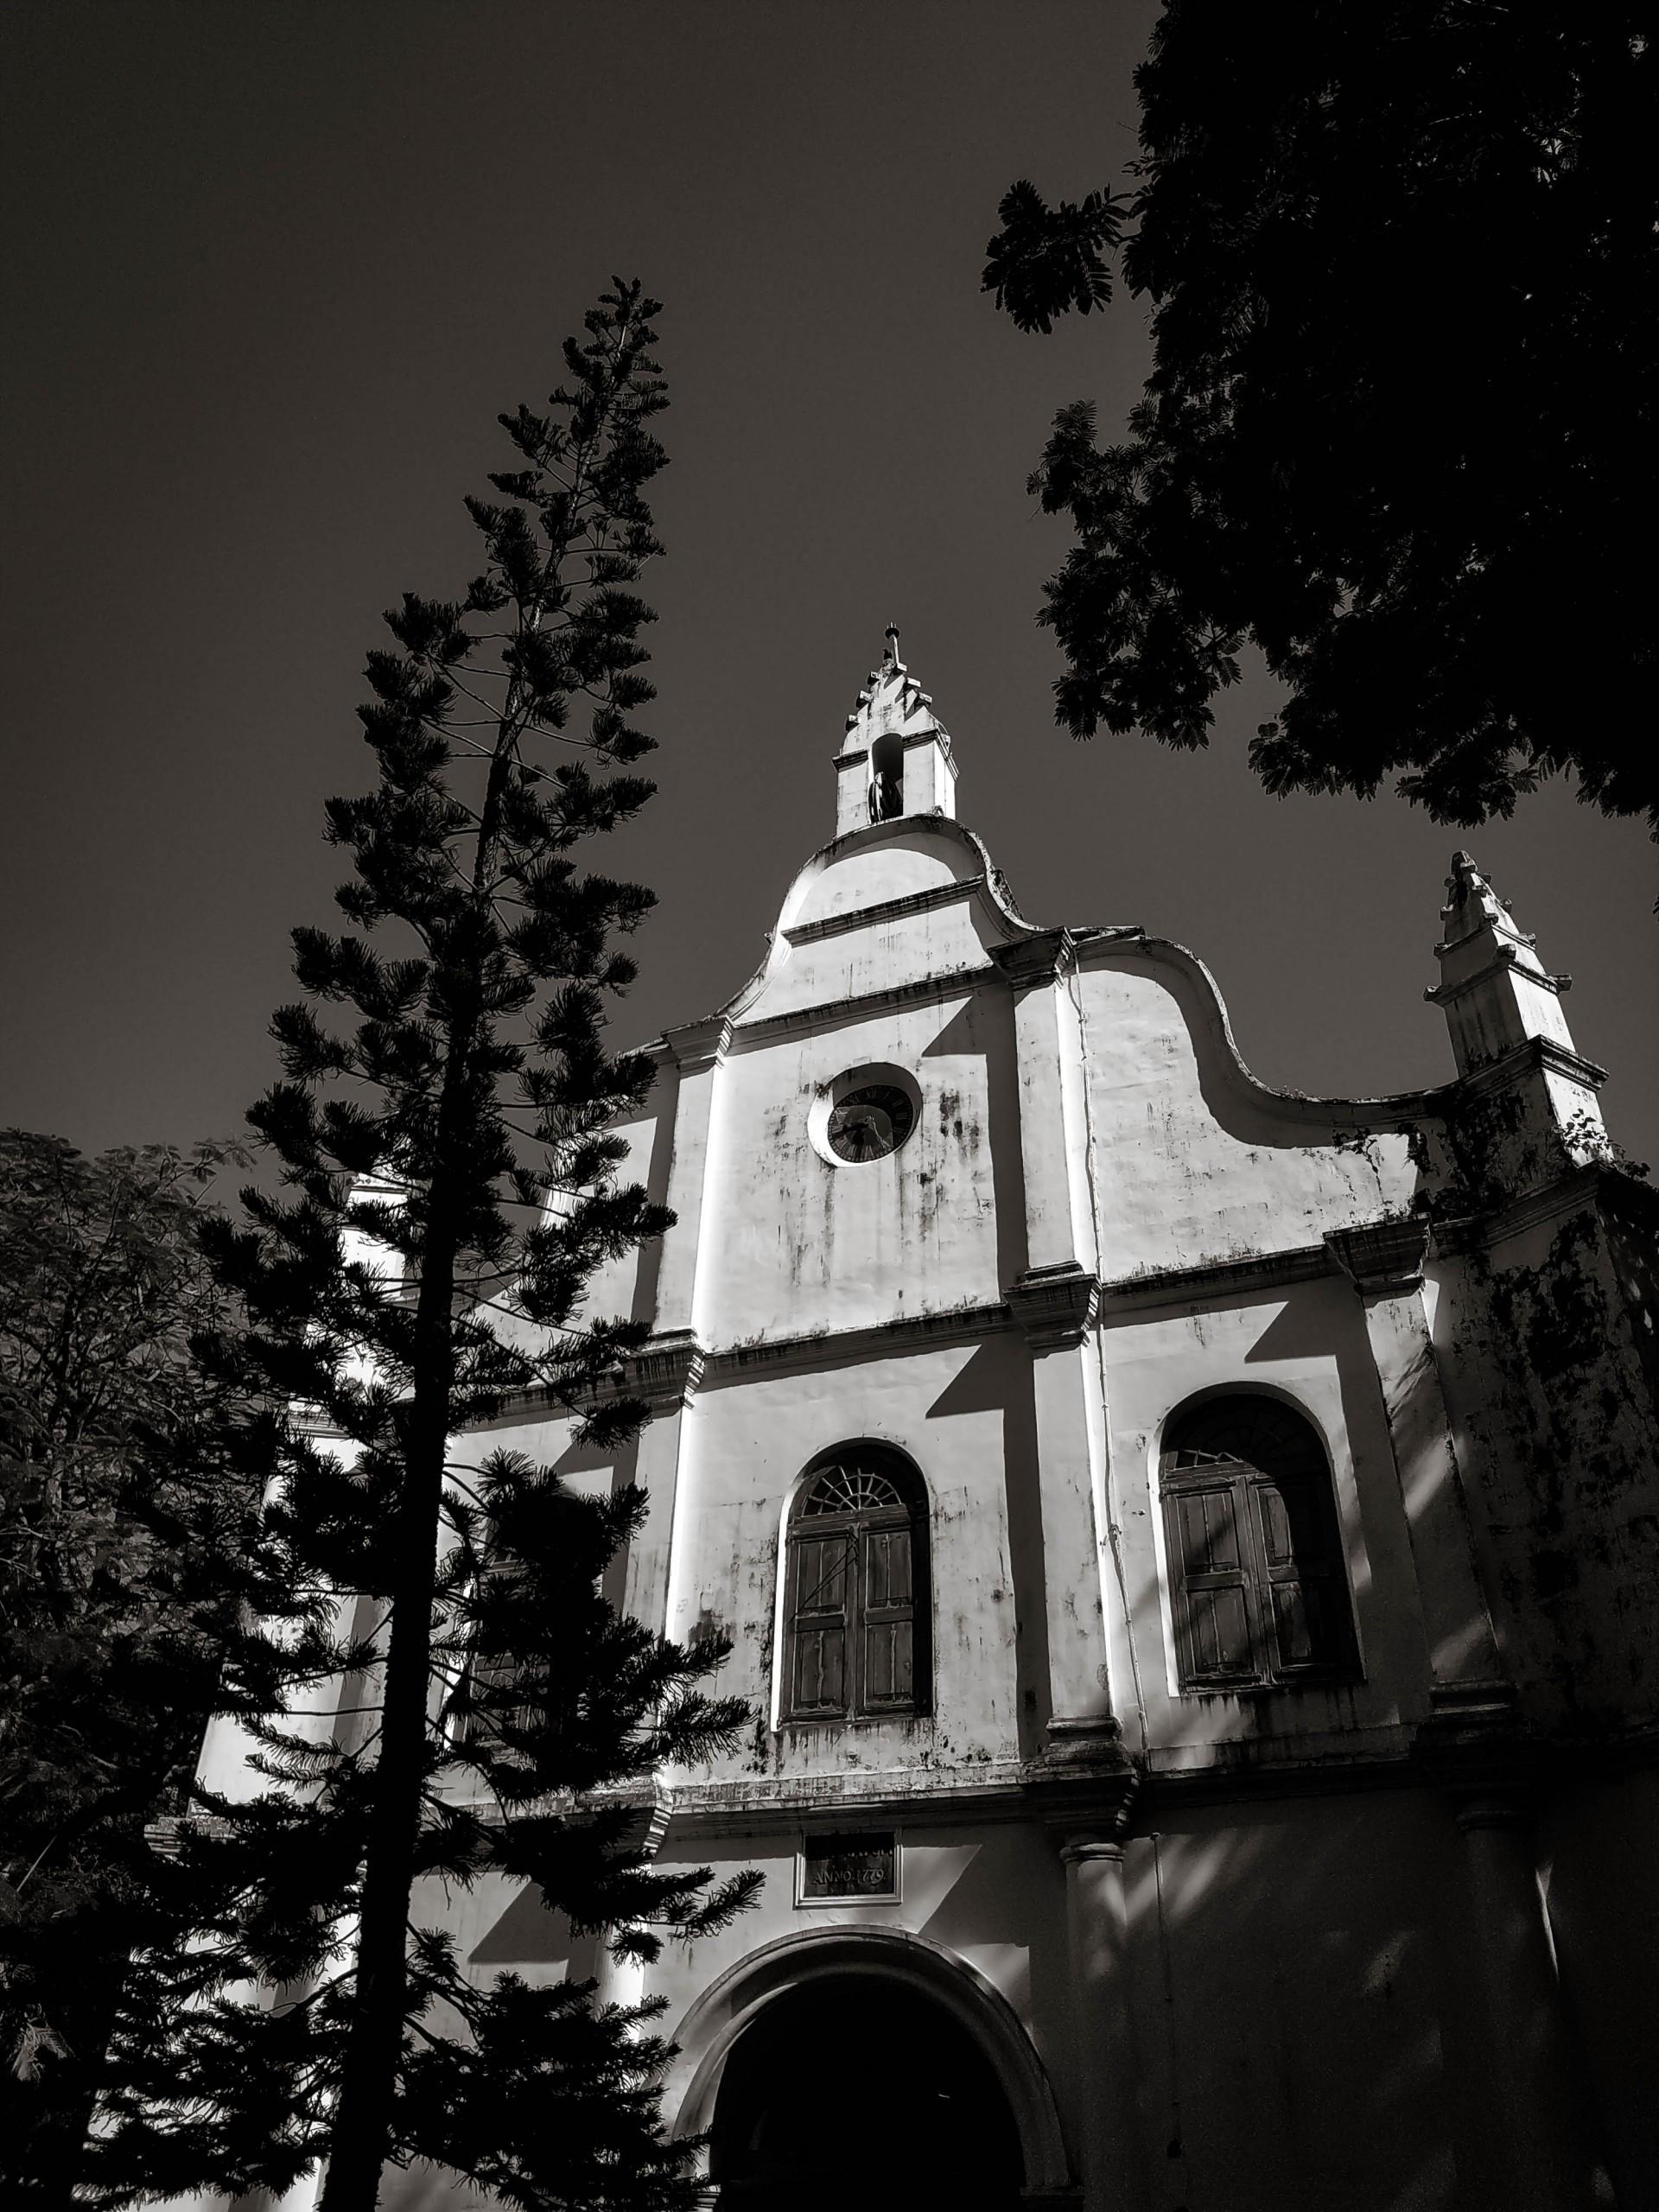 a Dutch Church in Kochi